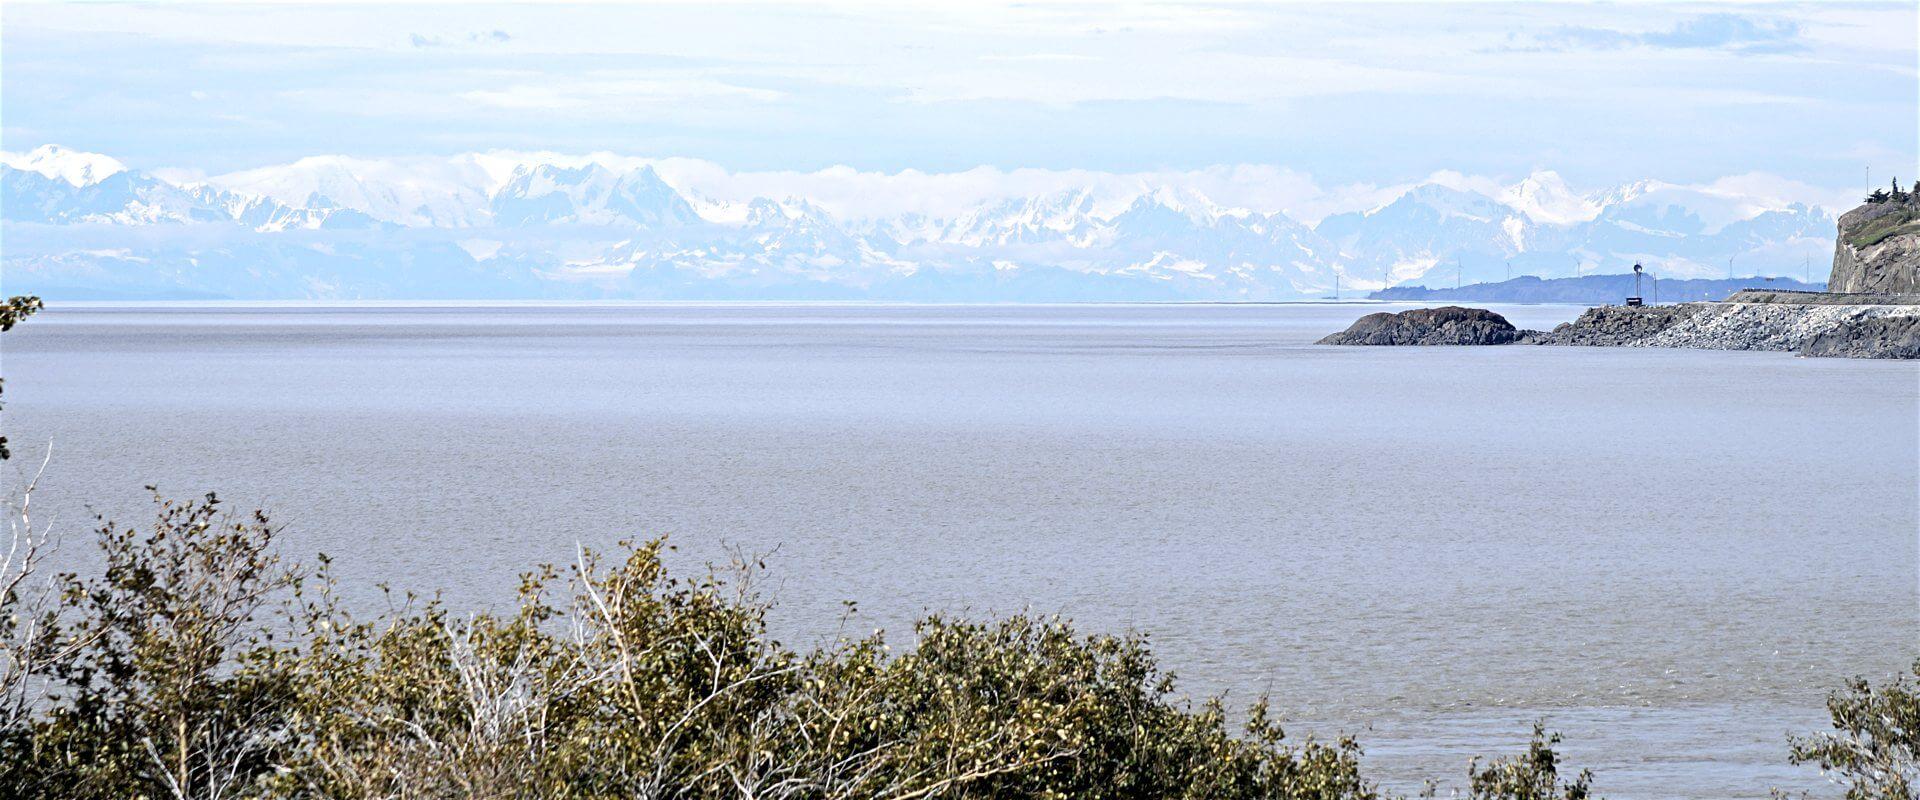 Erster Eindruck von Alaska: Der Seward Highway